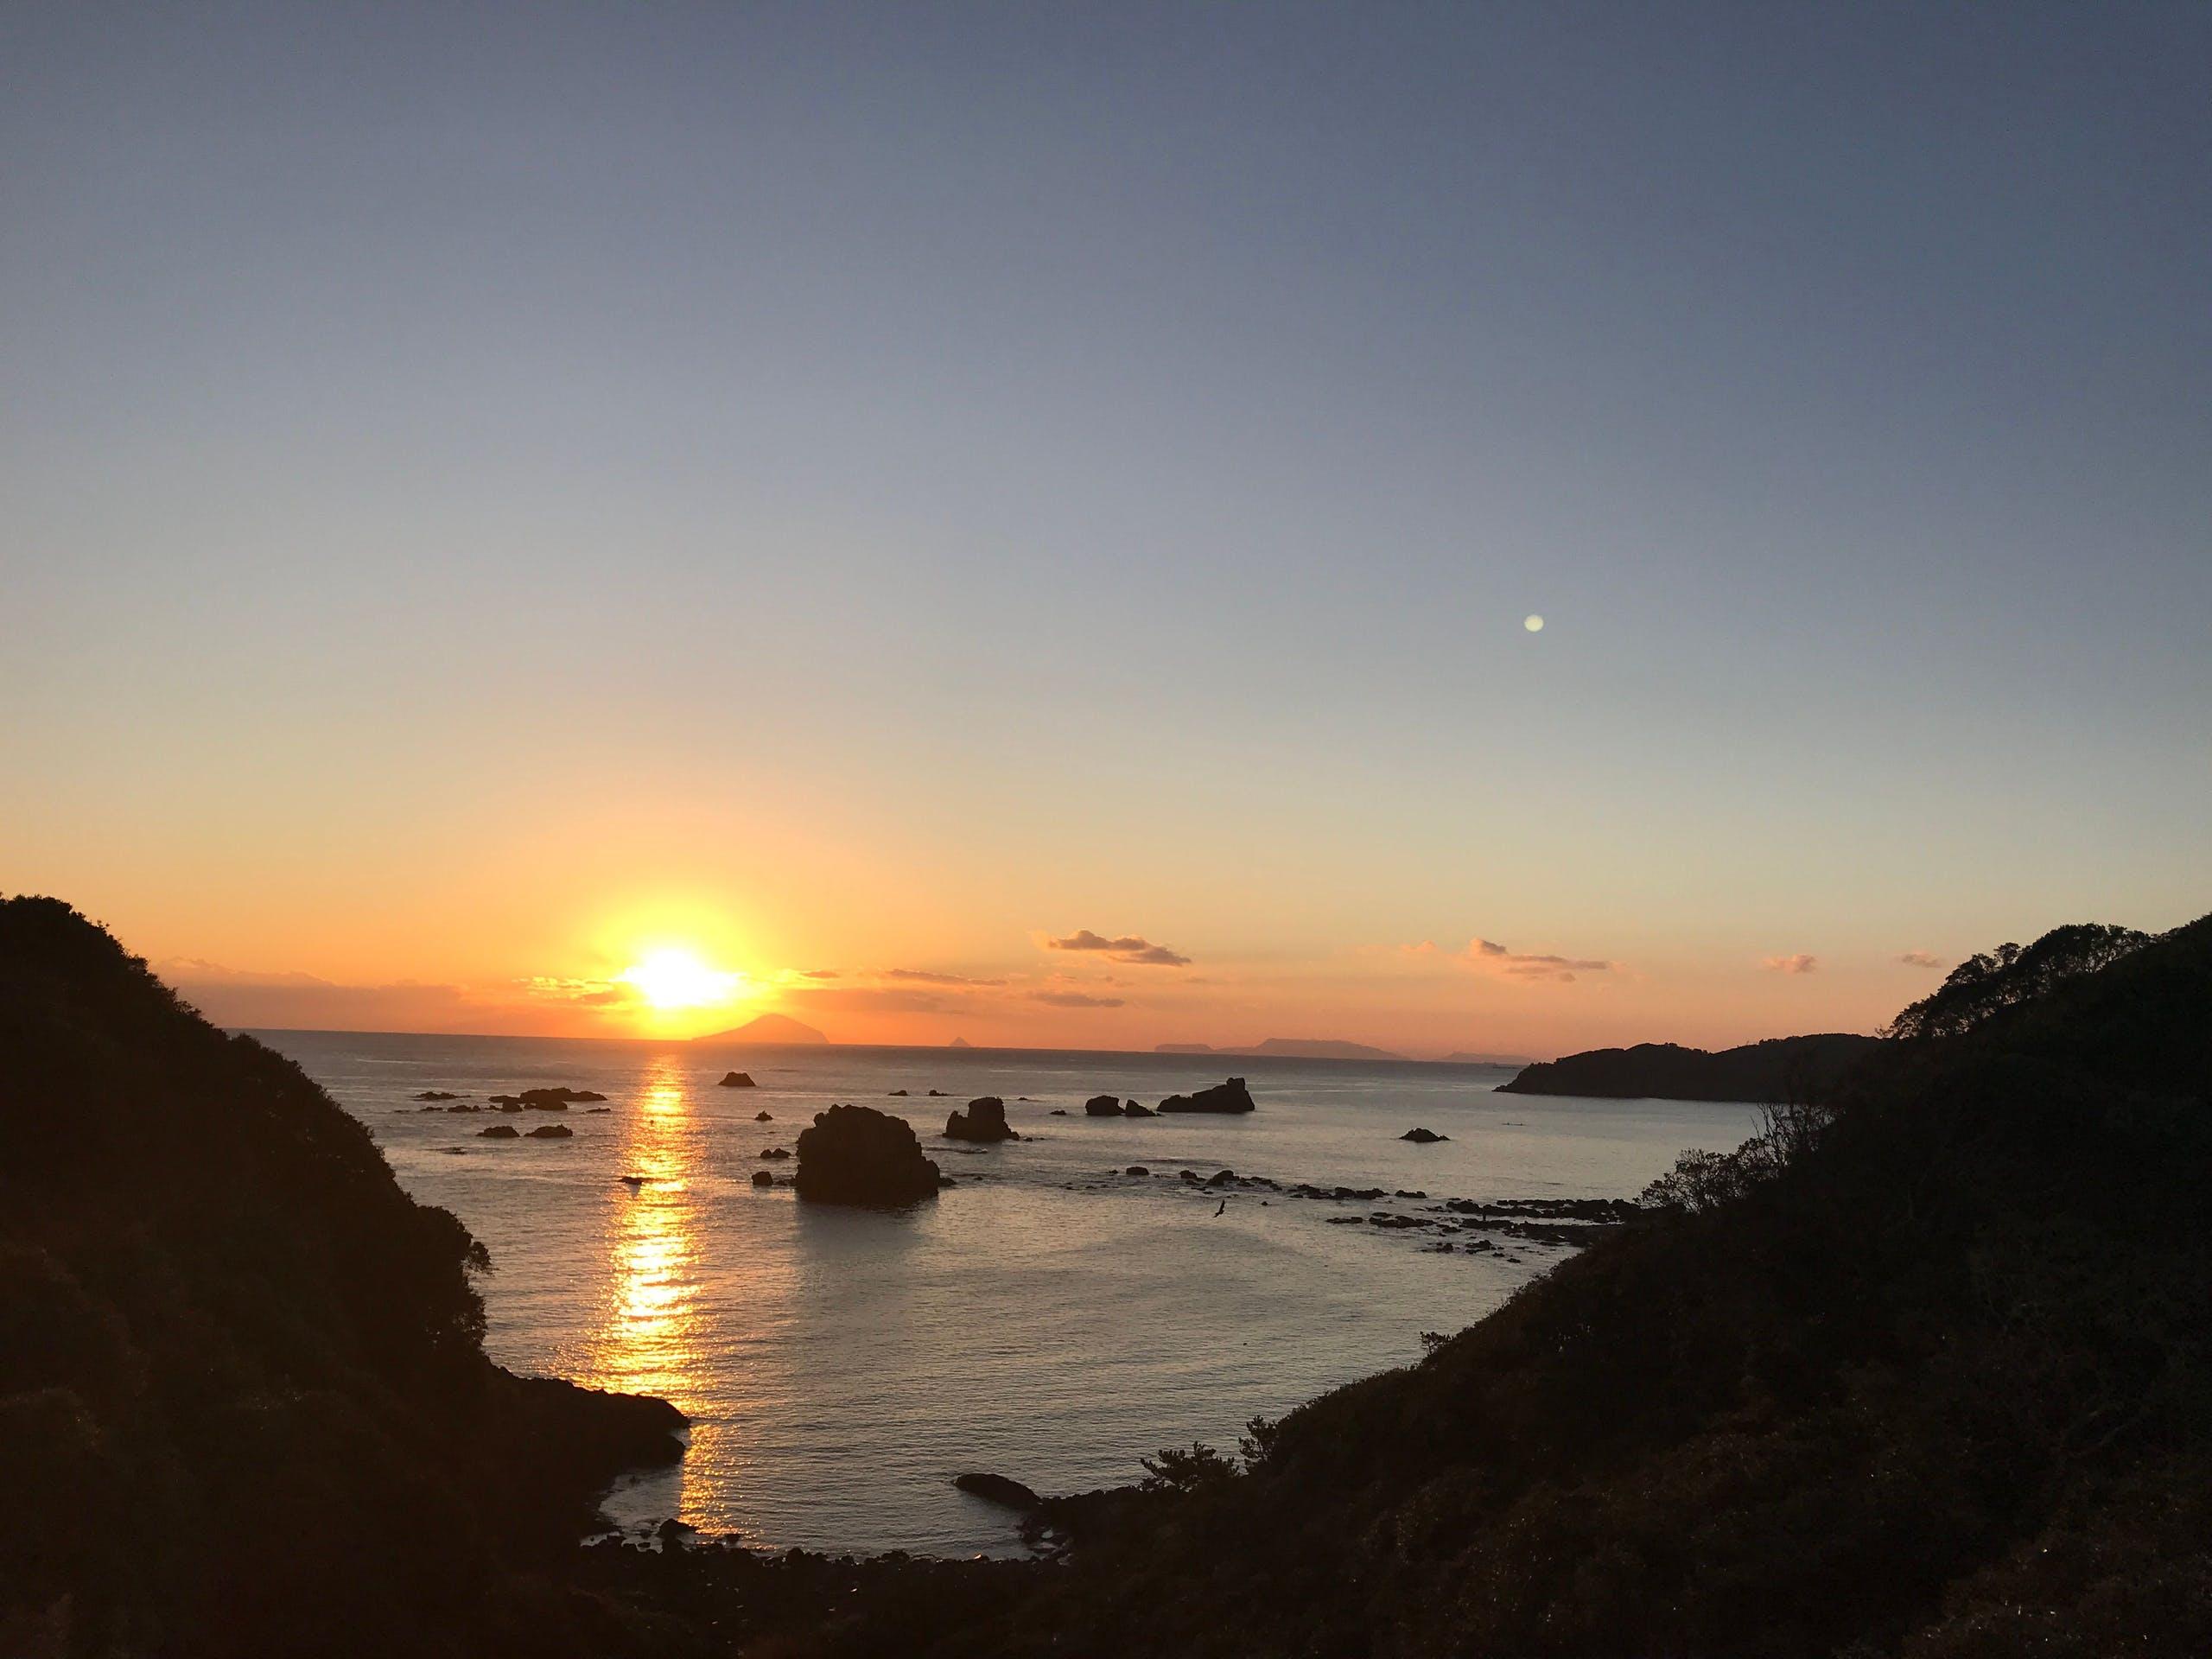 夕日の沈む海を眺めながら一日を終える